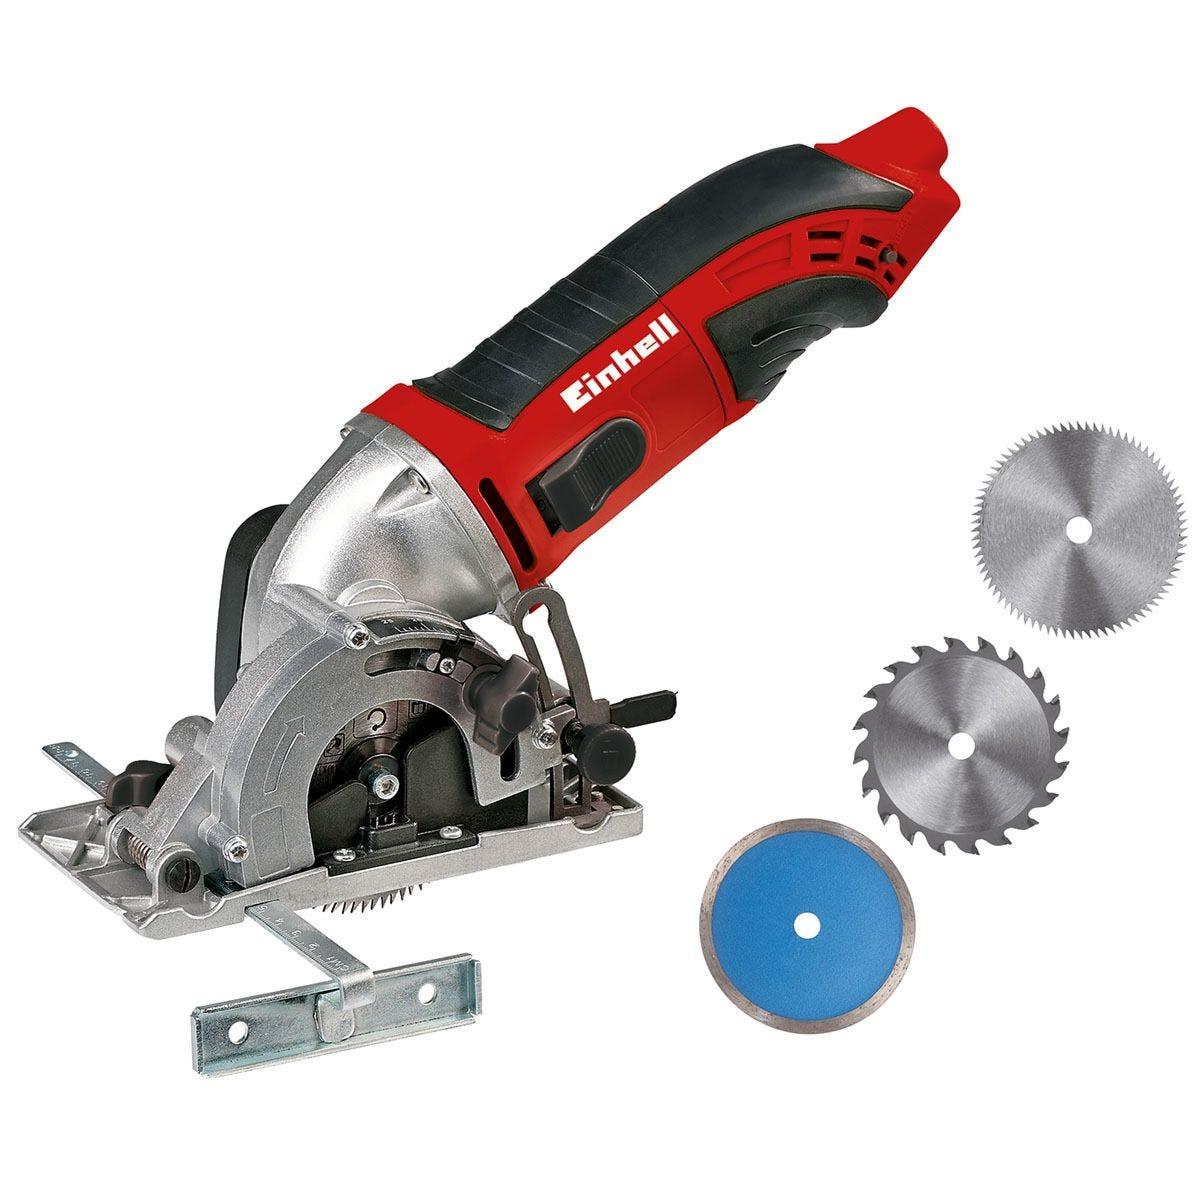 Einhell 450W Mini Circular Saw